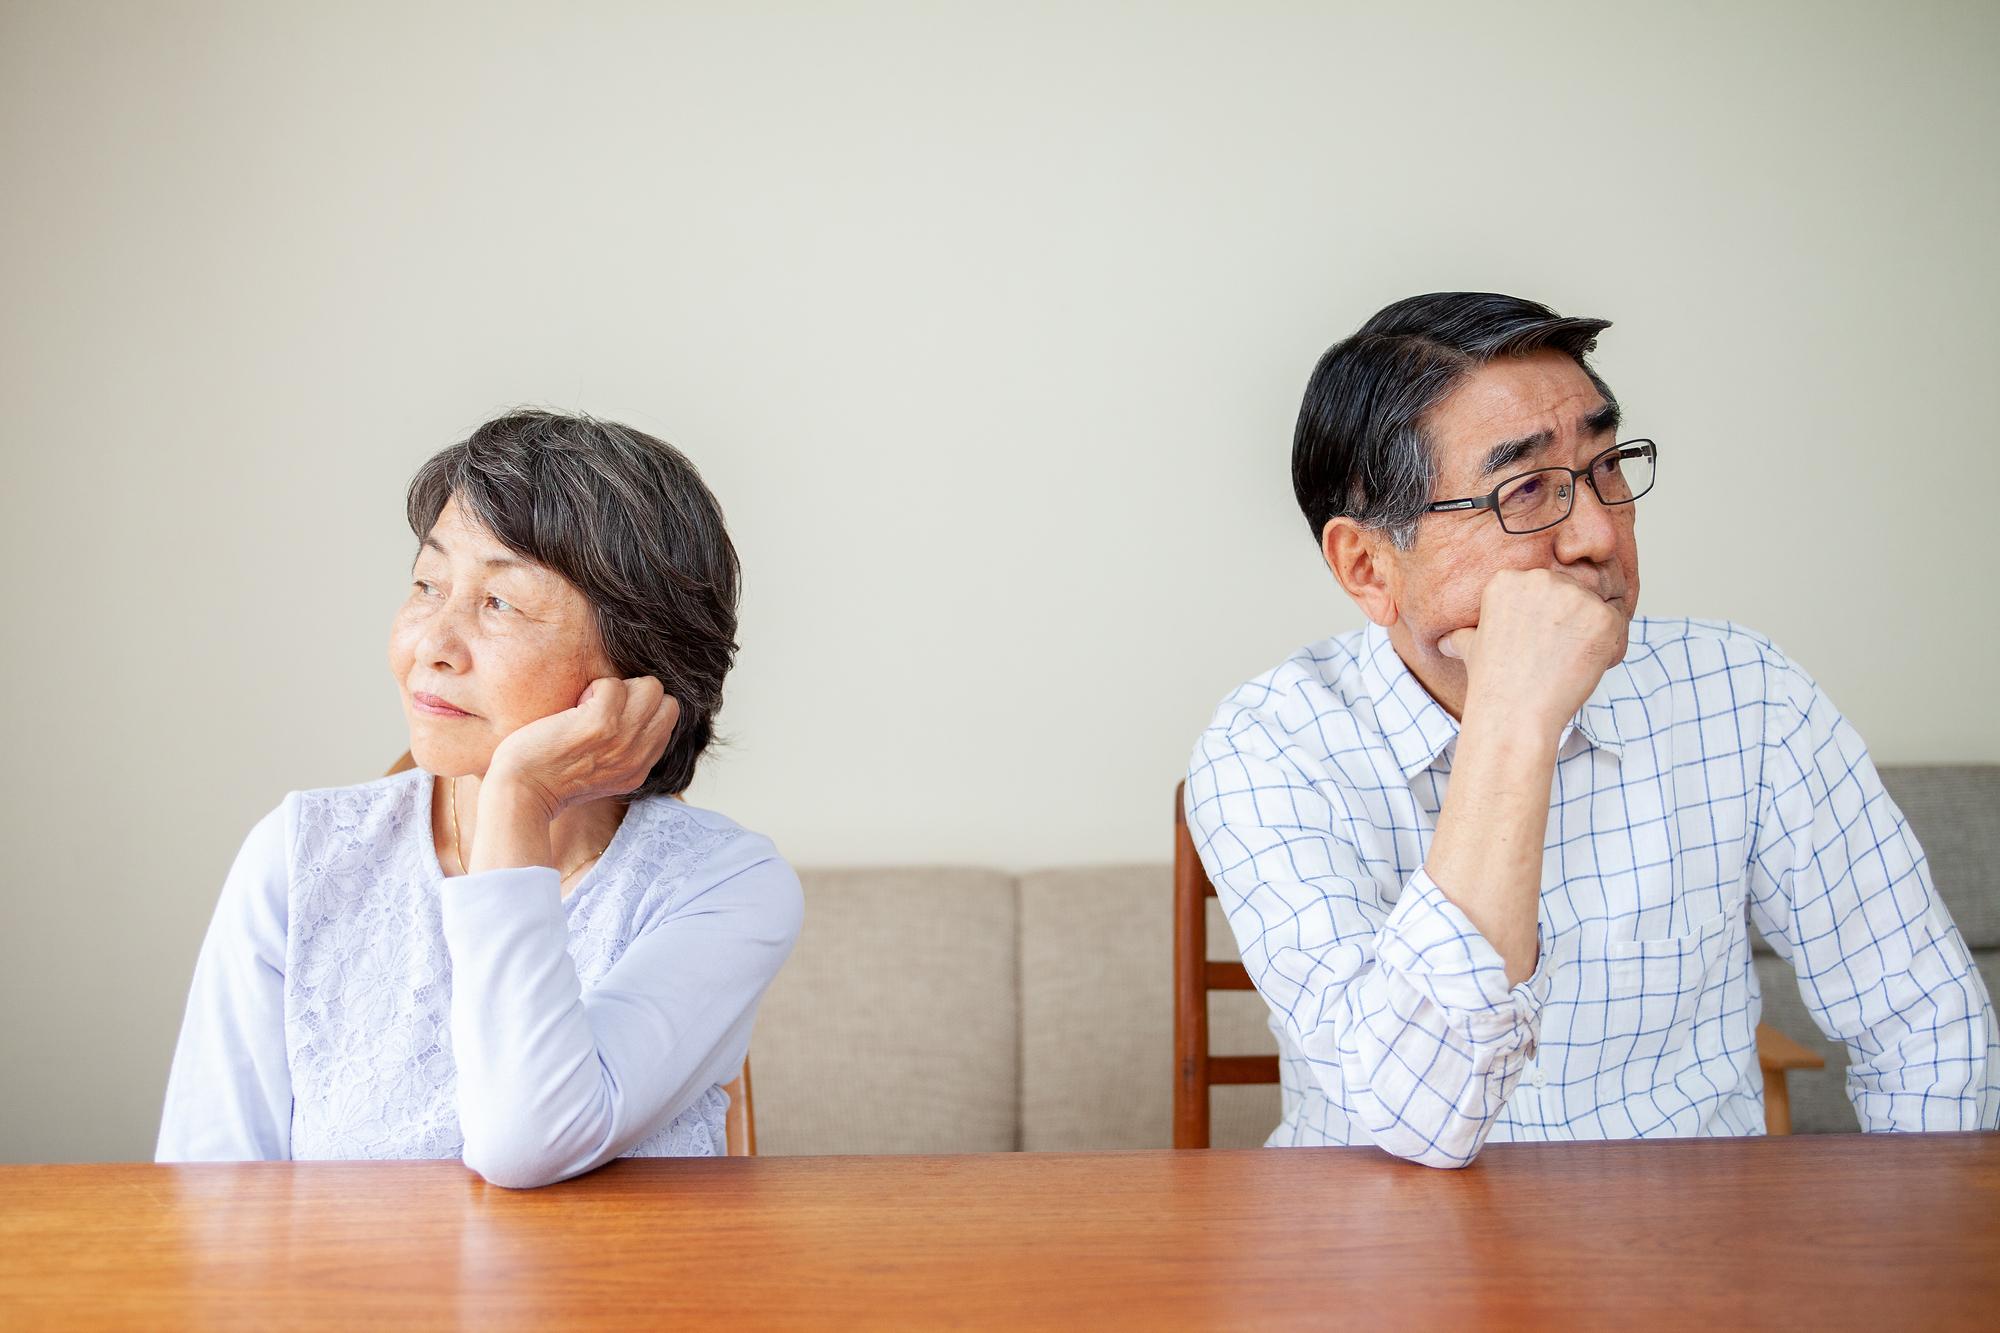 仮面夫婦の熟年離婚と多額な慰謝料の真実   離婚と住宅ローンガイド